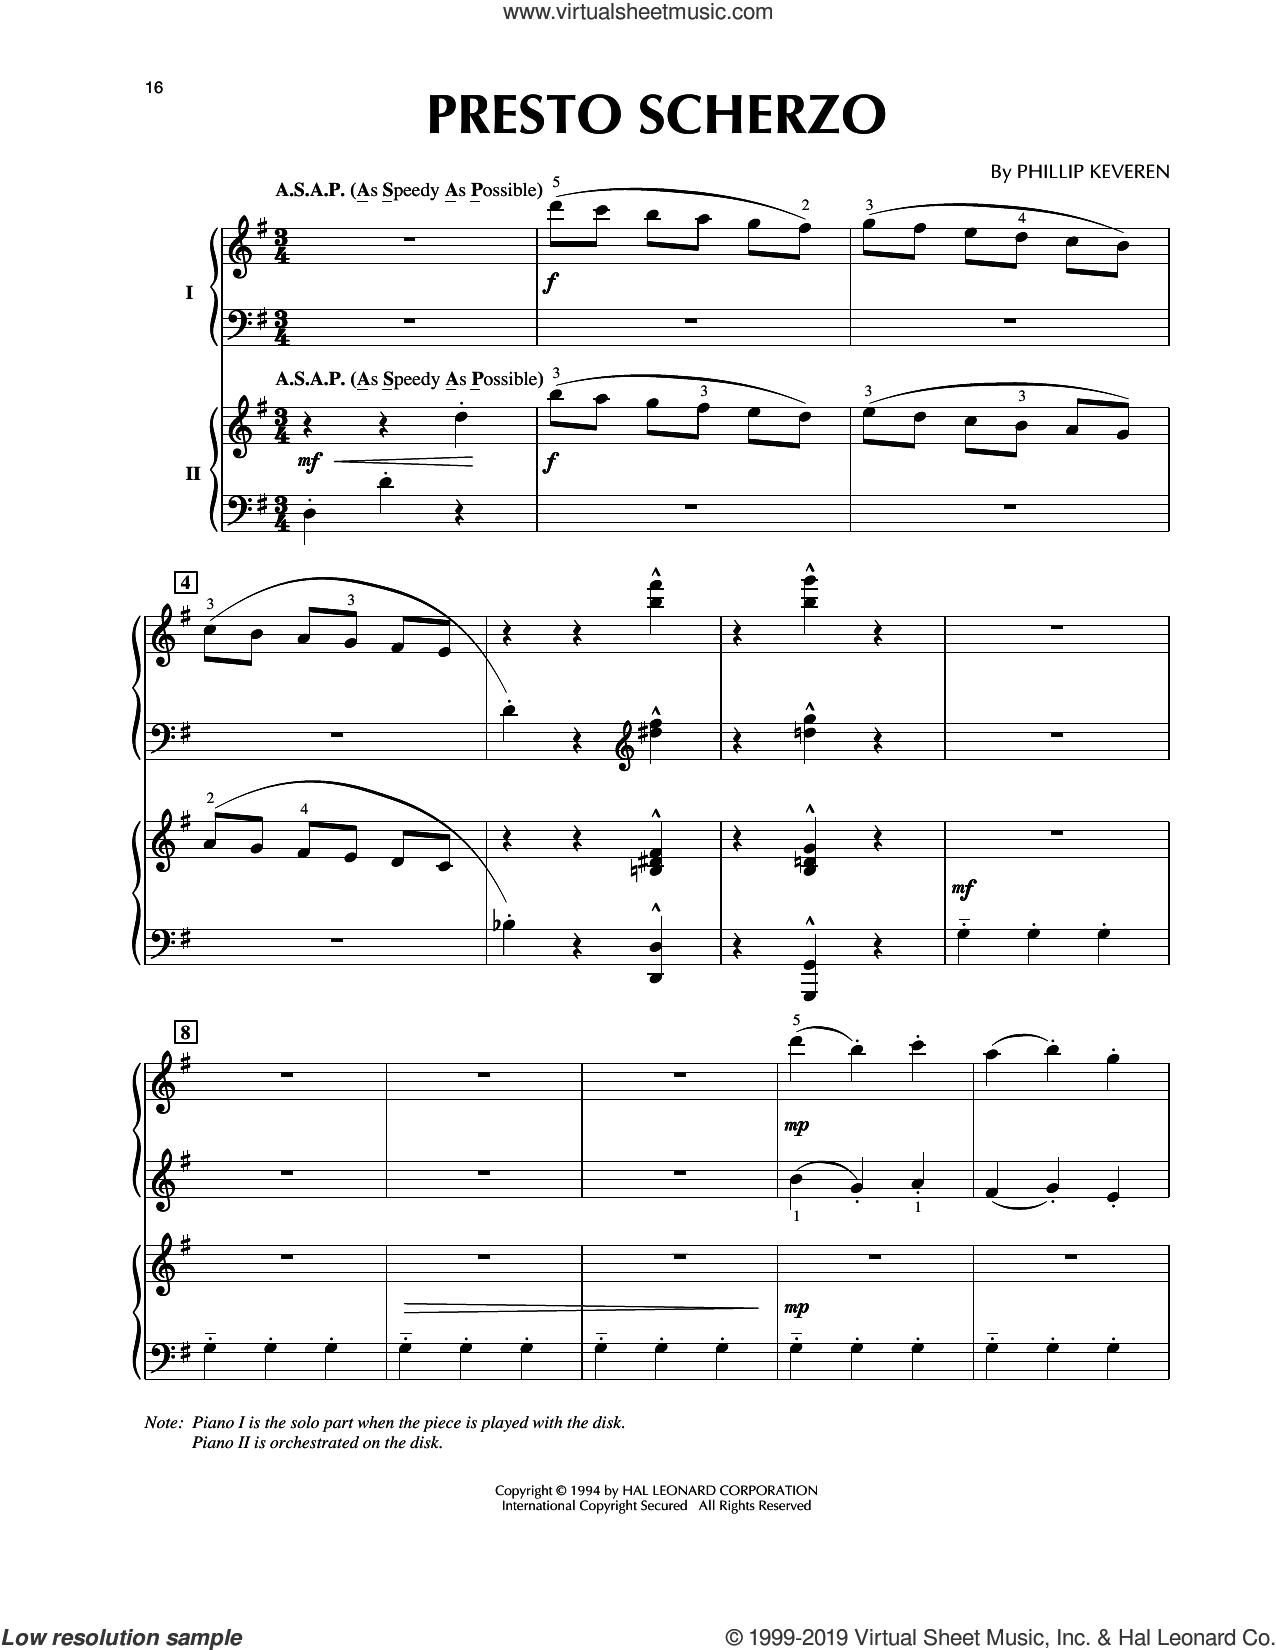 Presto Scherzo (from Presto Scherzo) (for 2 pianos) sheet music for piano four hands by Phillip Keveren, classical score, intermediate skill level